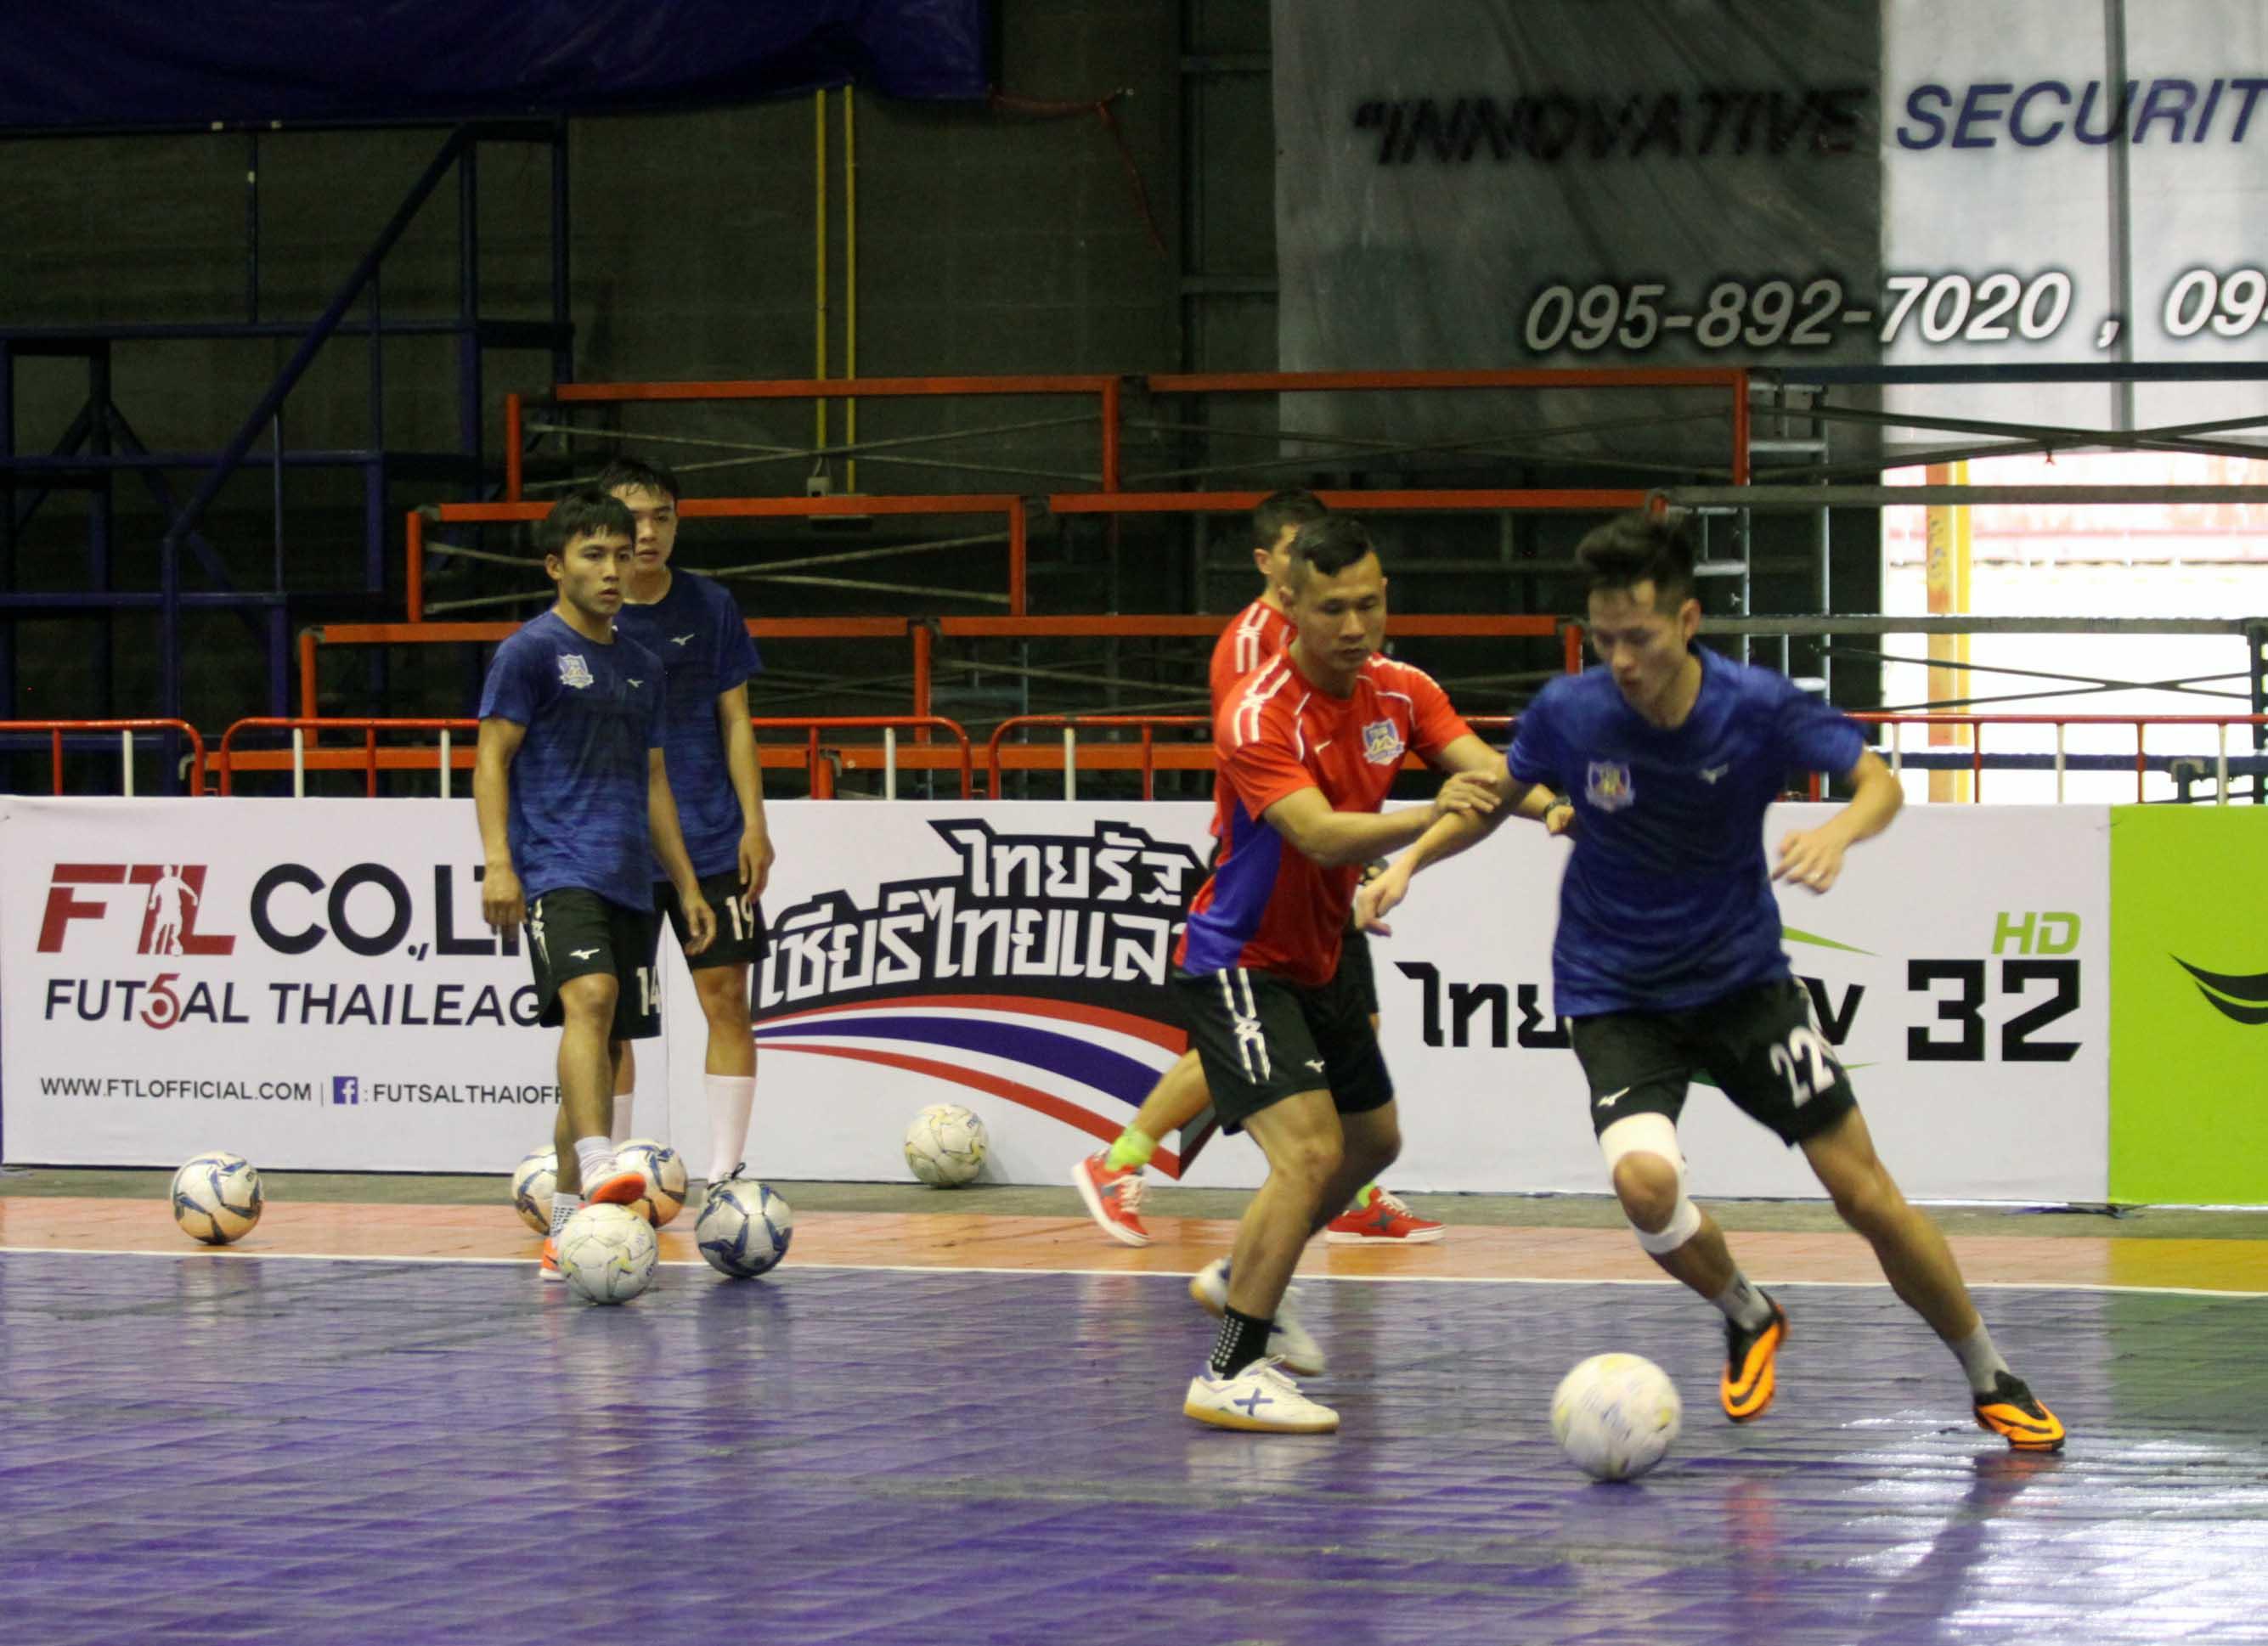 CLB Thái Sơn Nam trở lại tập luyện, chuẩn bị cho trận giao hữu thứ hai tại Thái Lan